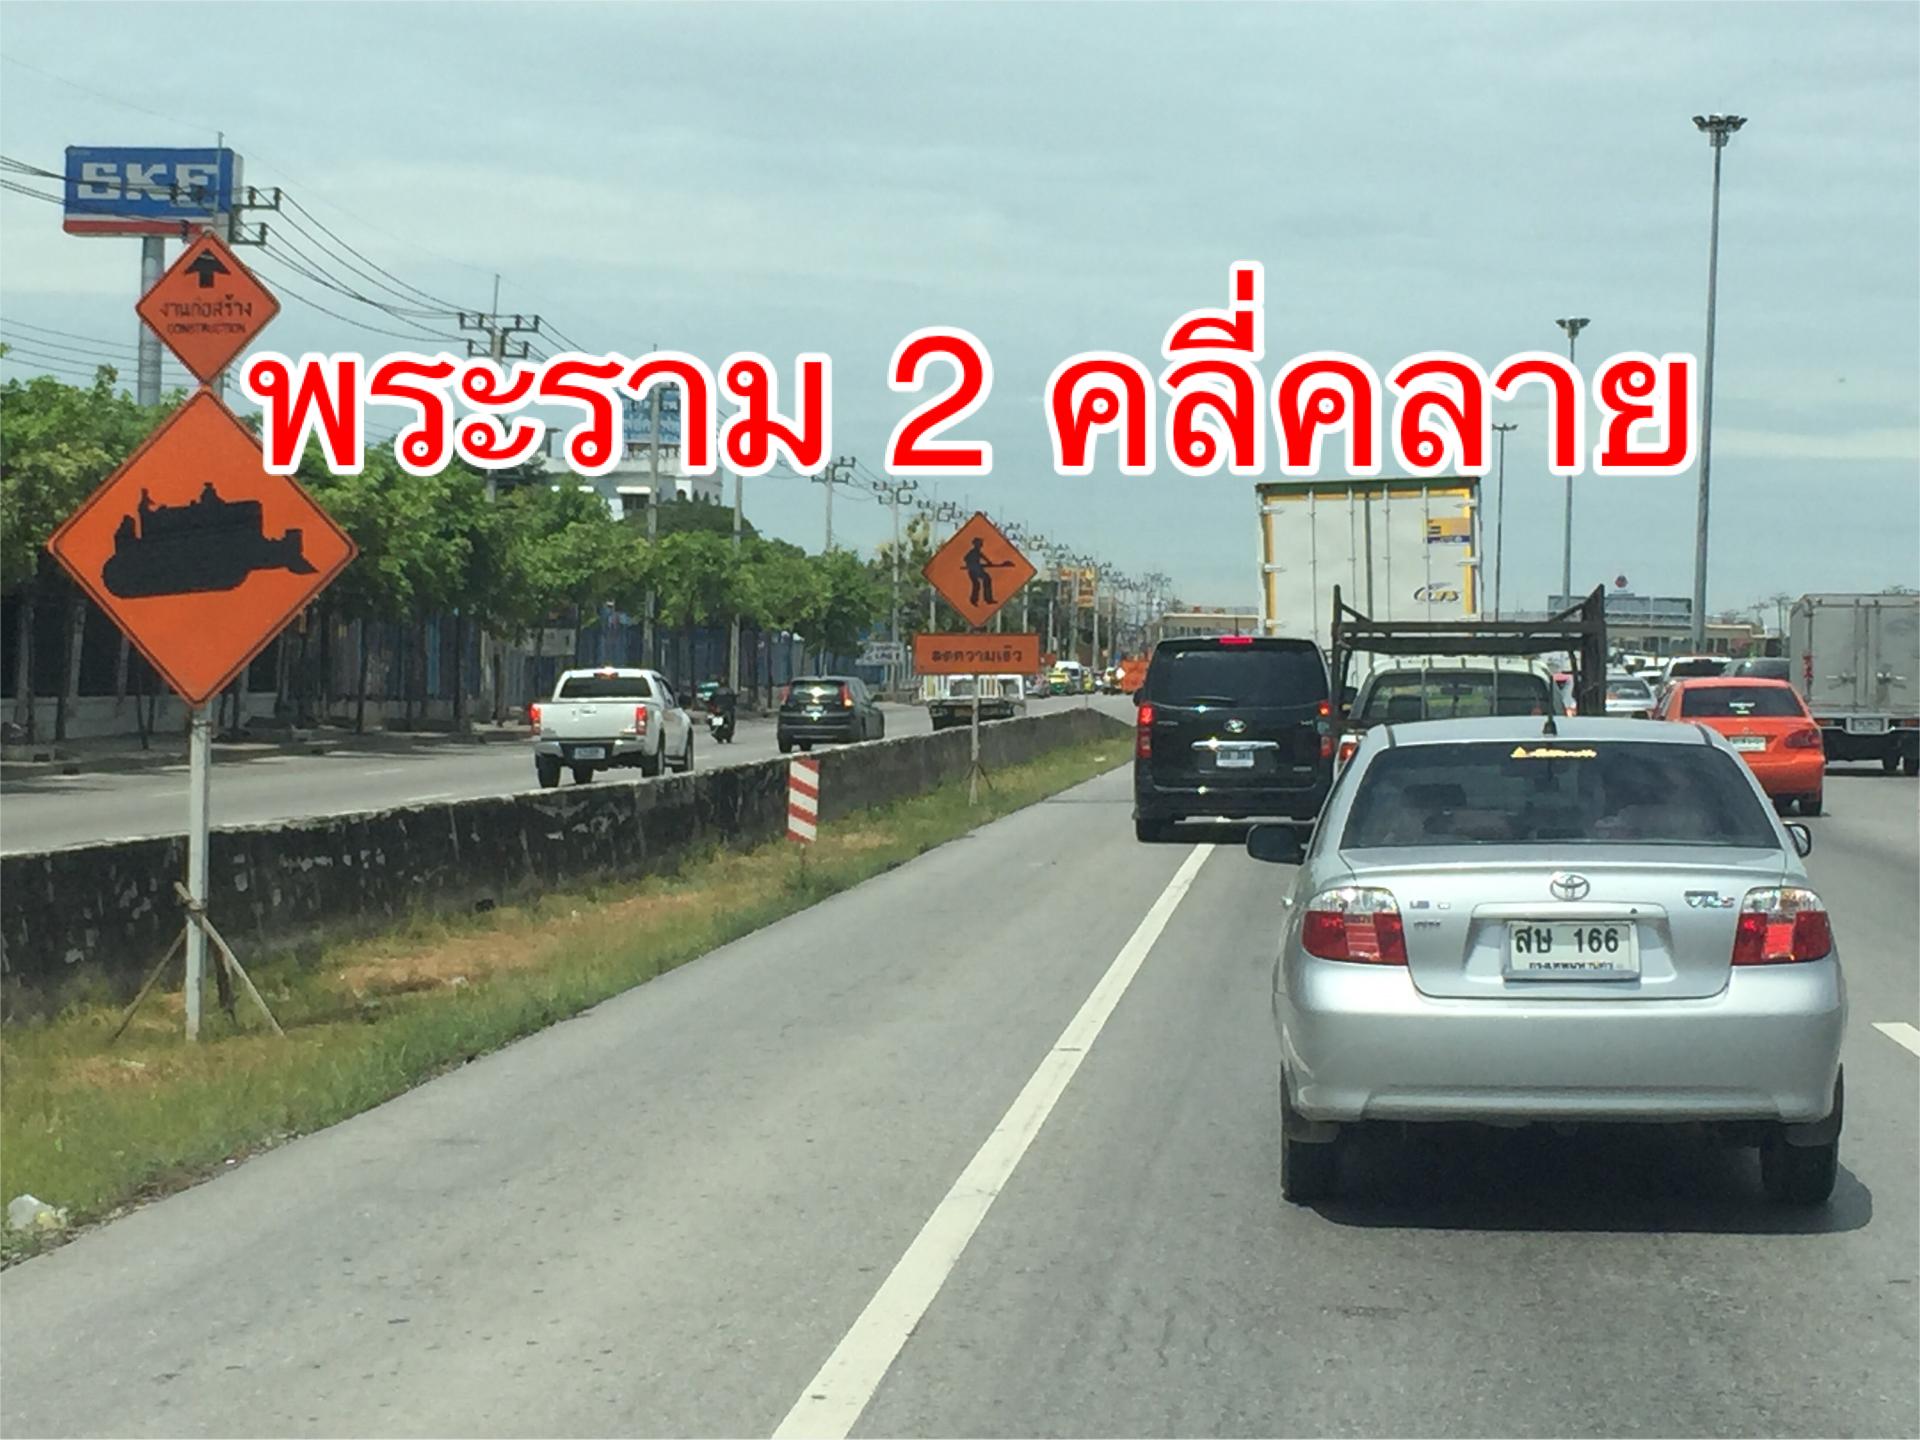 รถติดพระราม 2 คลี่คลาย! ถกร่วมรถบรรทุก ปิ้งไอเดียปรับโหมดสู่ขนส่งทางเรือ ลดต้นทุน-แก้รถติด